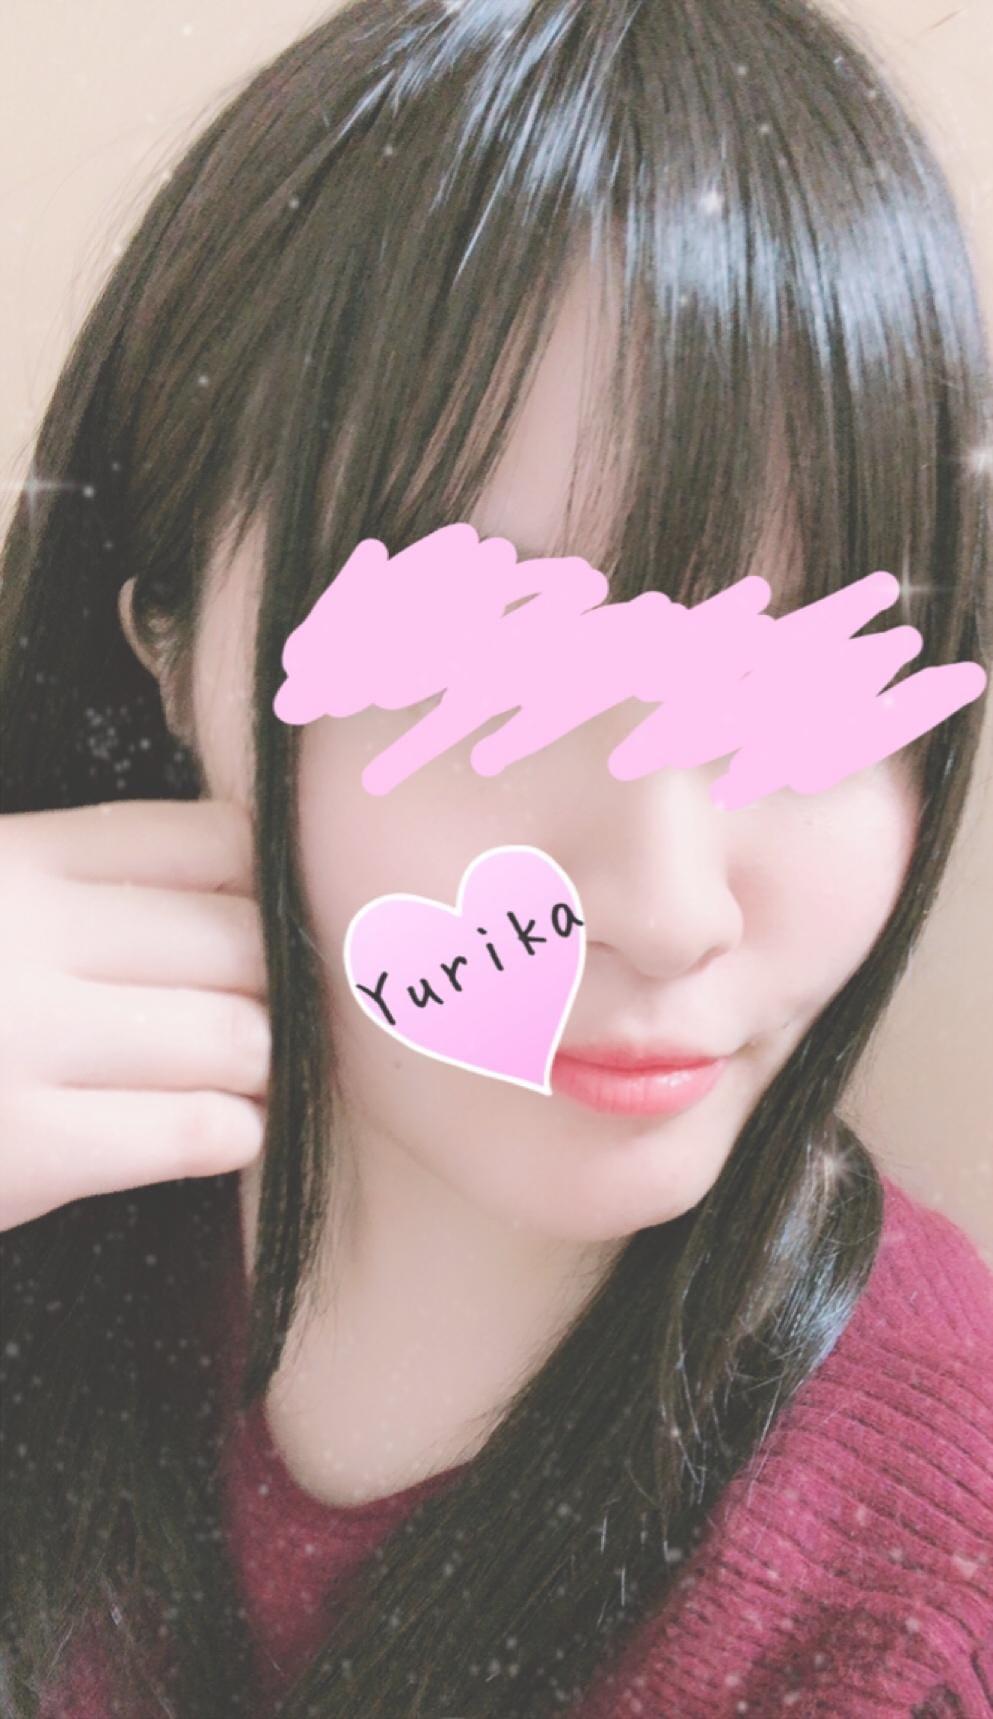 「宣言っ!!⋆*ೄ」10/31(水) 13:41 | ゆりかの写メ・風俗動画